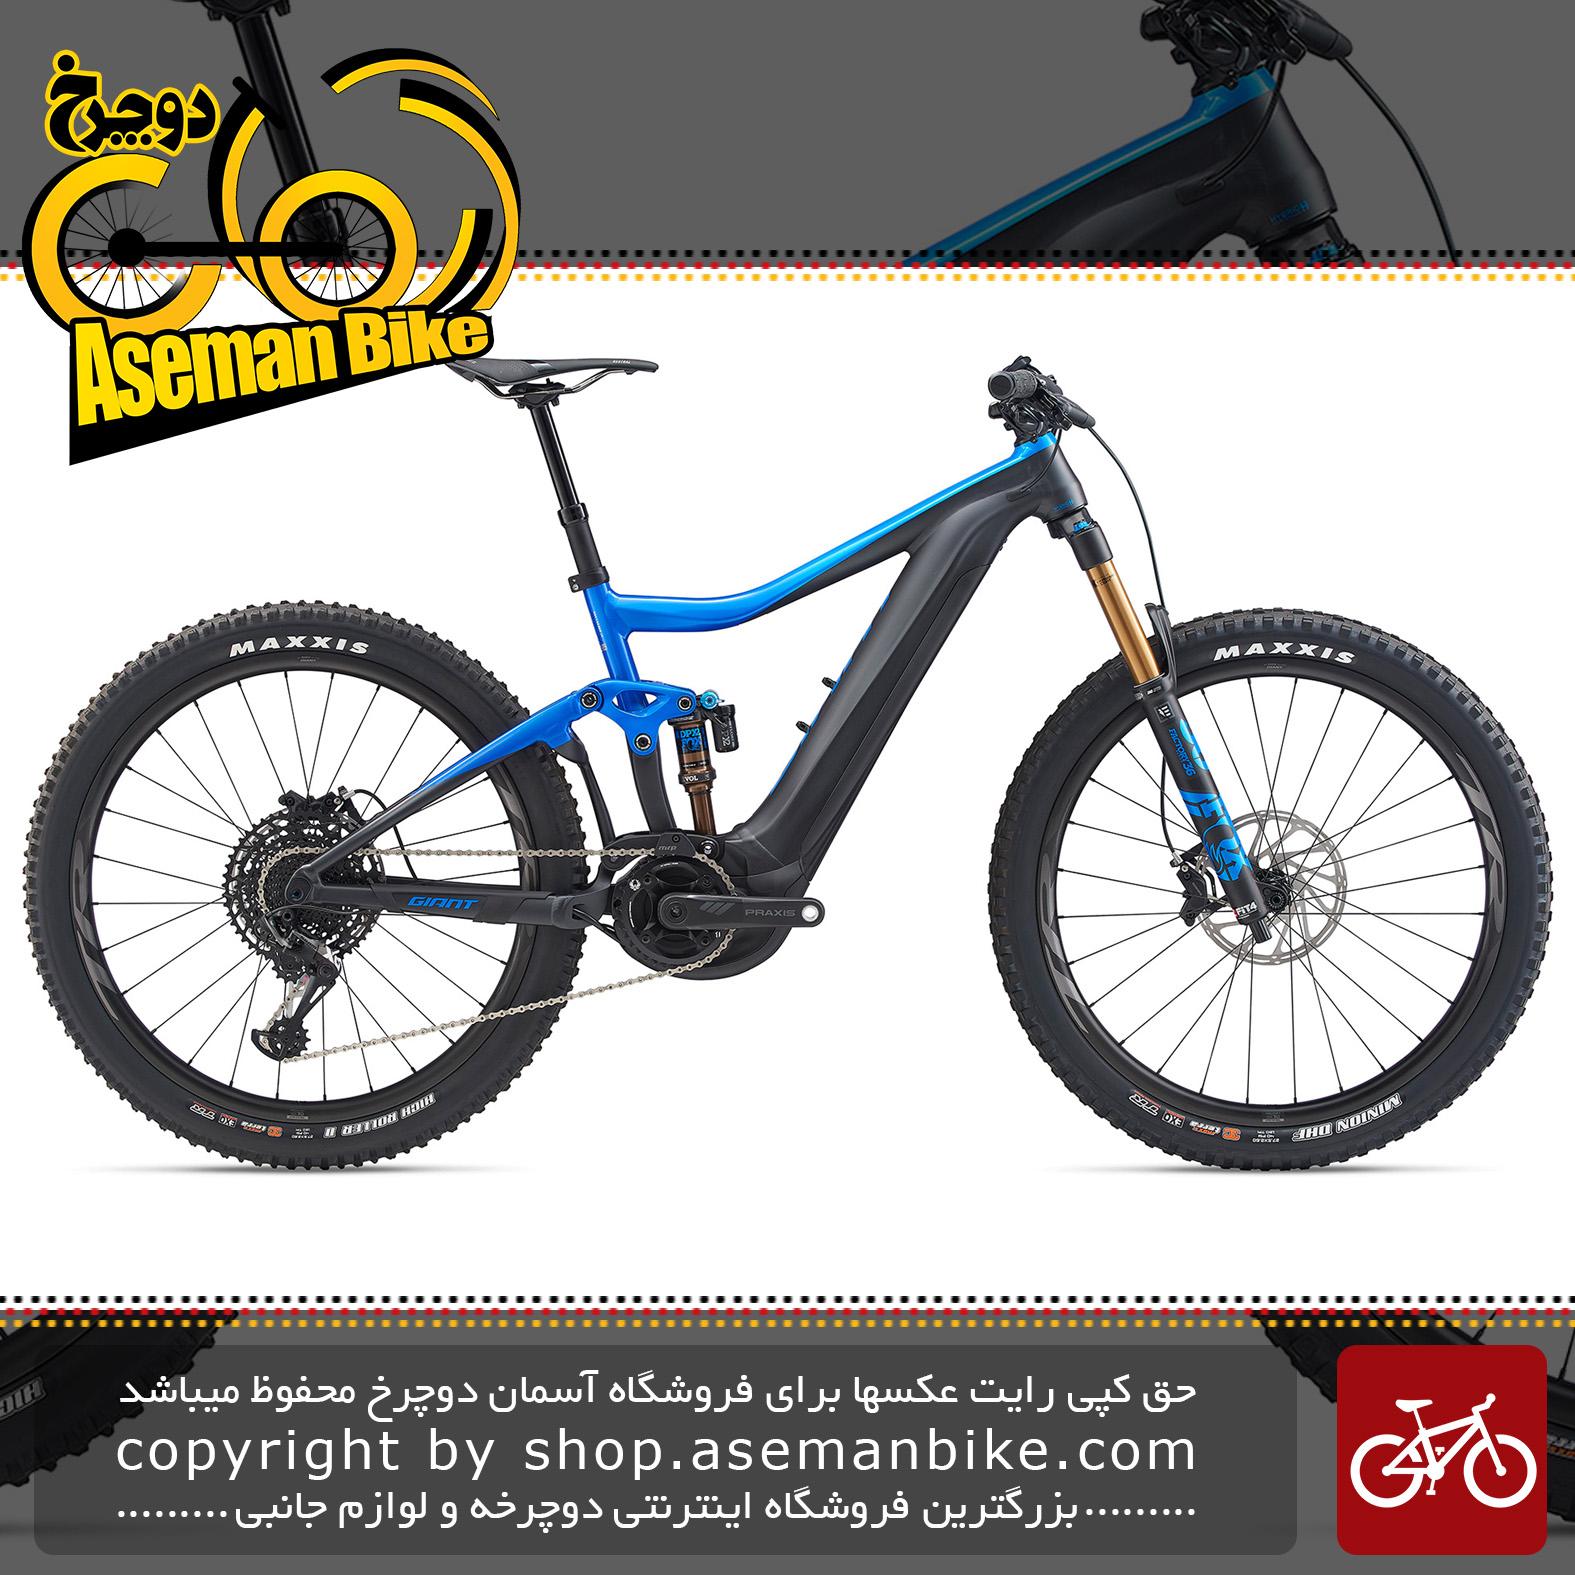 دوچرخه کوهستان برقی جاینت مدل ترنس ای پلاس 0 پرو 2020 Giant Mountain Bicycle Trance E+ 0 Pro 2020